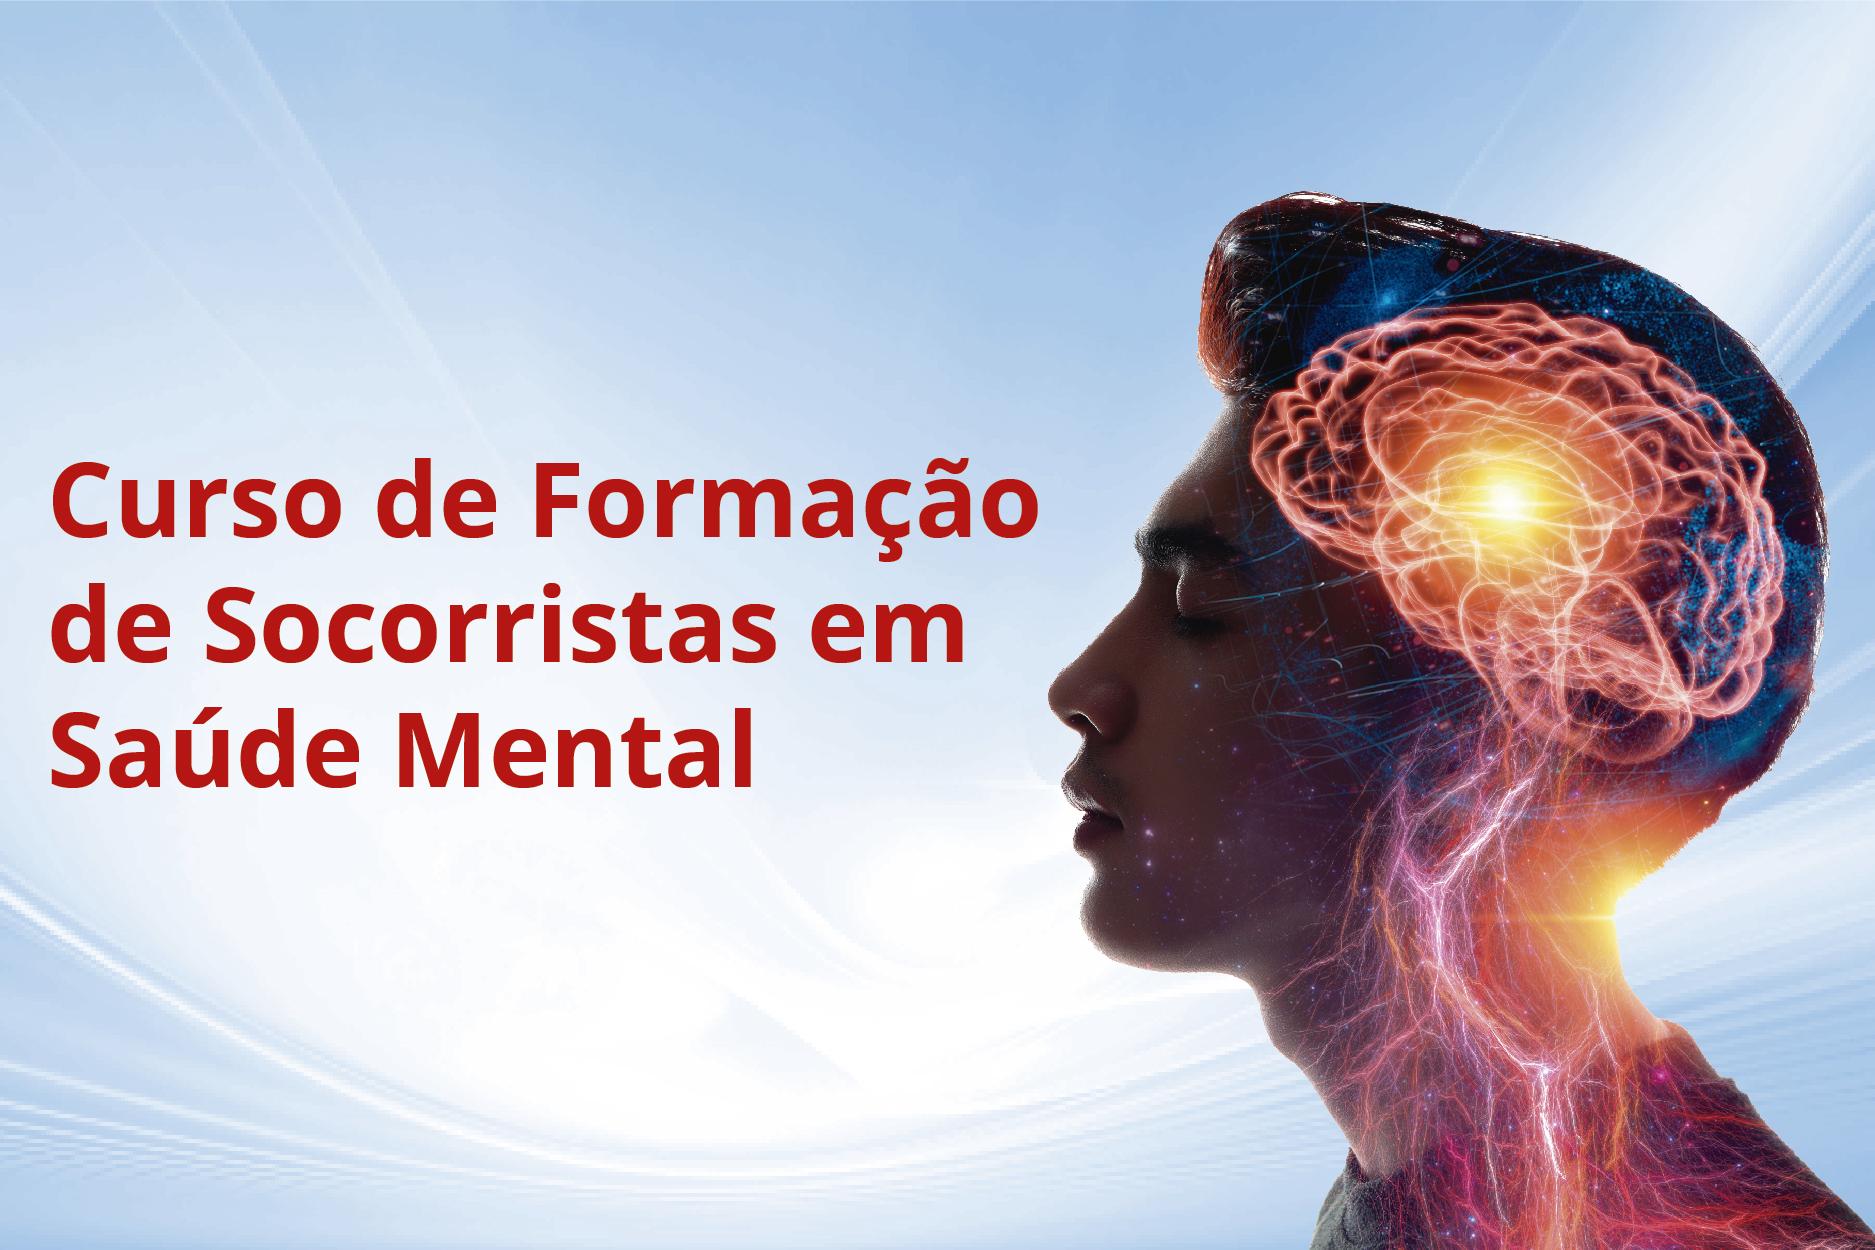 SAUDEMENTAL-M2 - Curso de Formação de Socorristas em Saúde Mental -  Módulo 2 (001825 - 2021/1 - INTEGRAL)